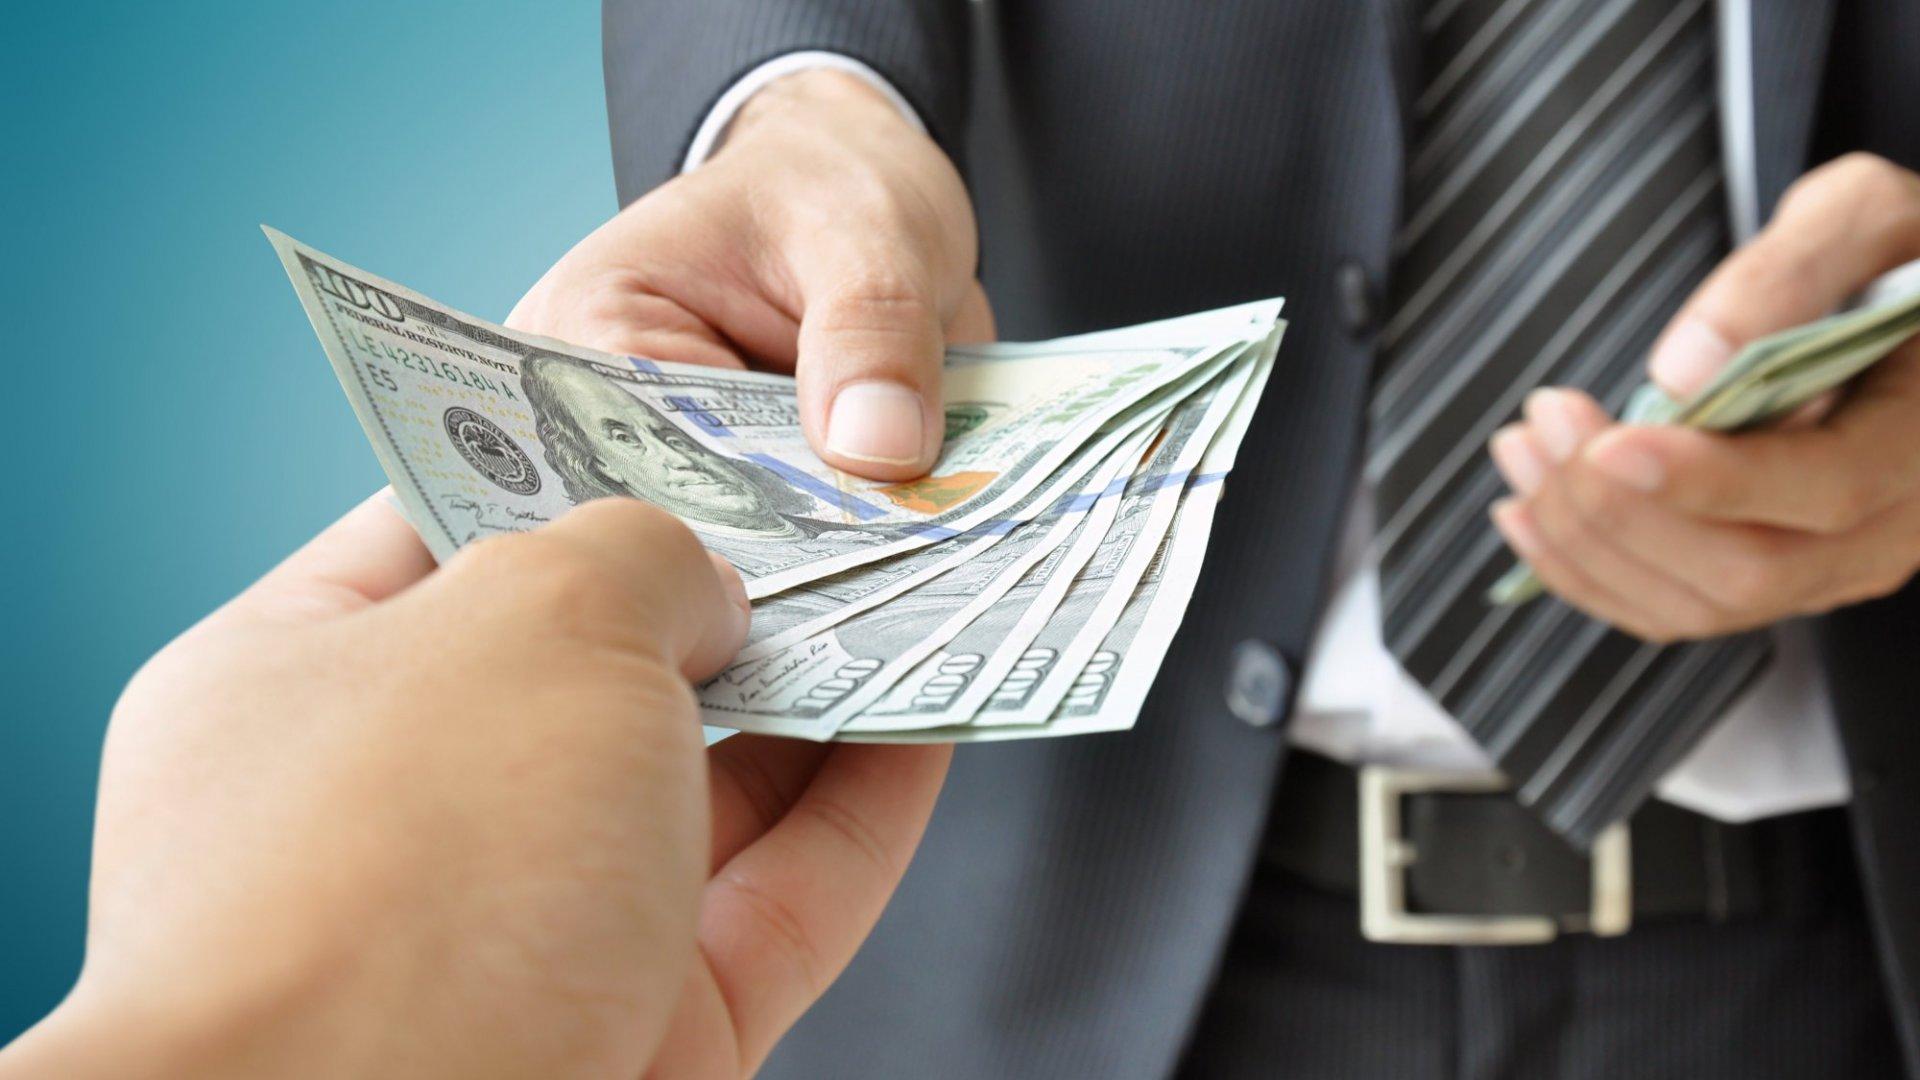 نقش پول در زندگی